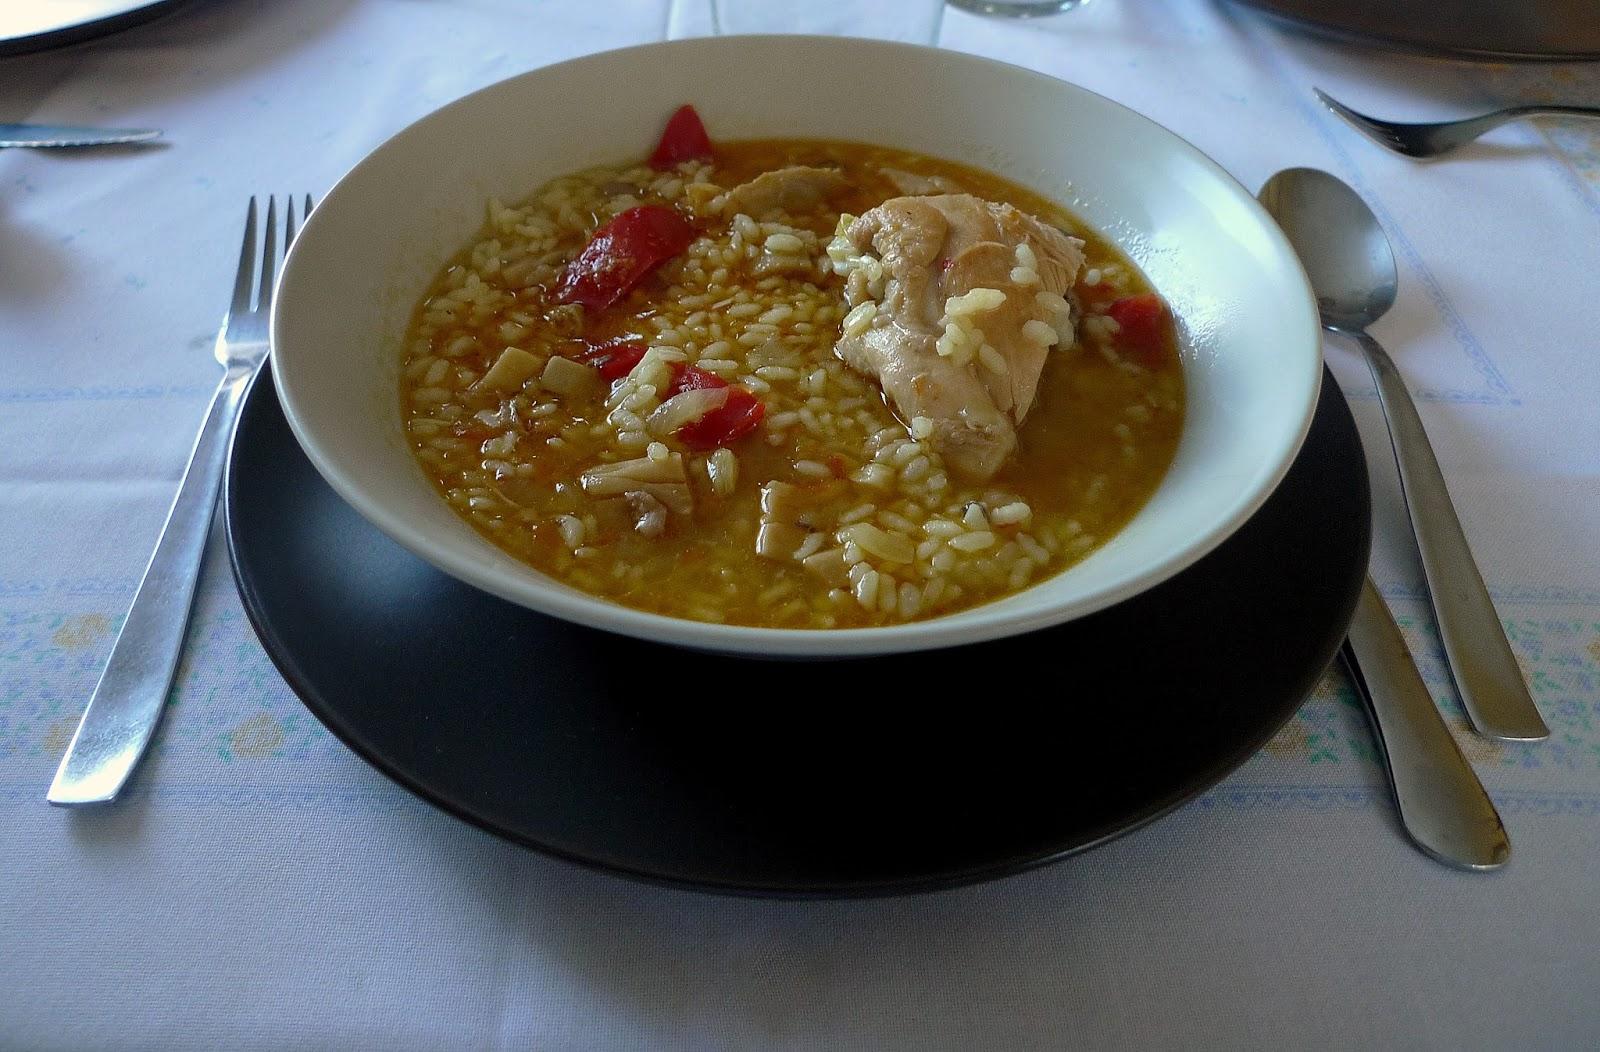 Arroz Caldoso Con Setas Y Pollo el pasaplatos: arroz caldoso con pollo y setas